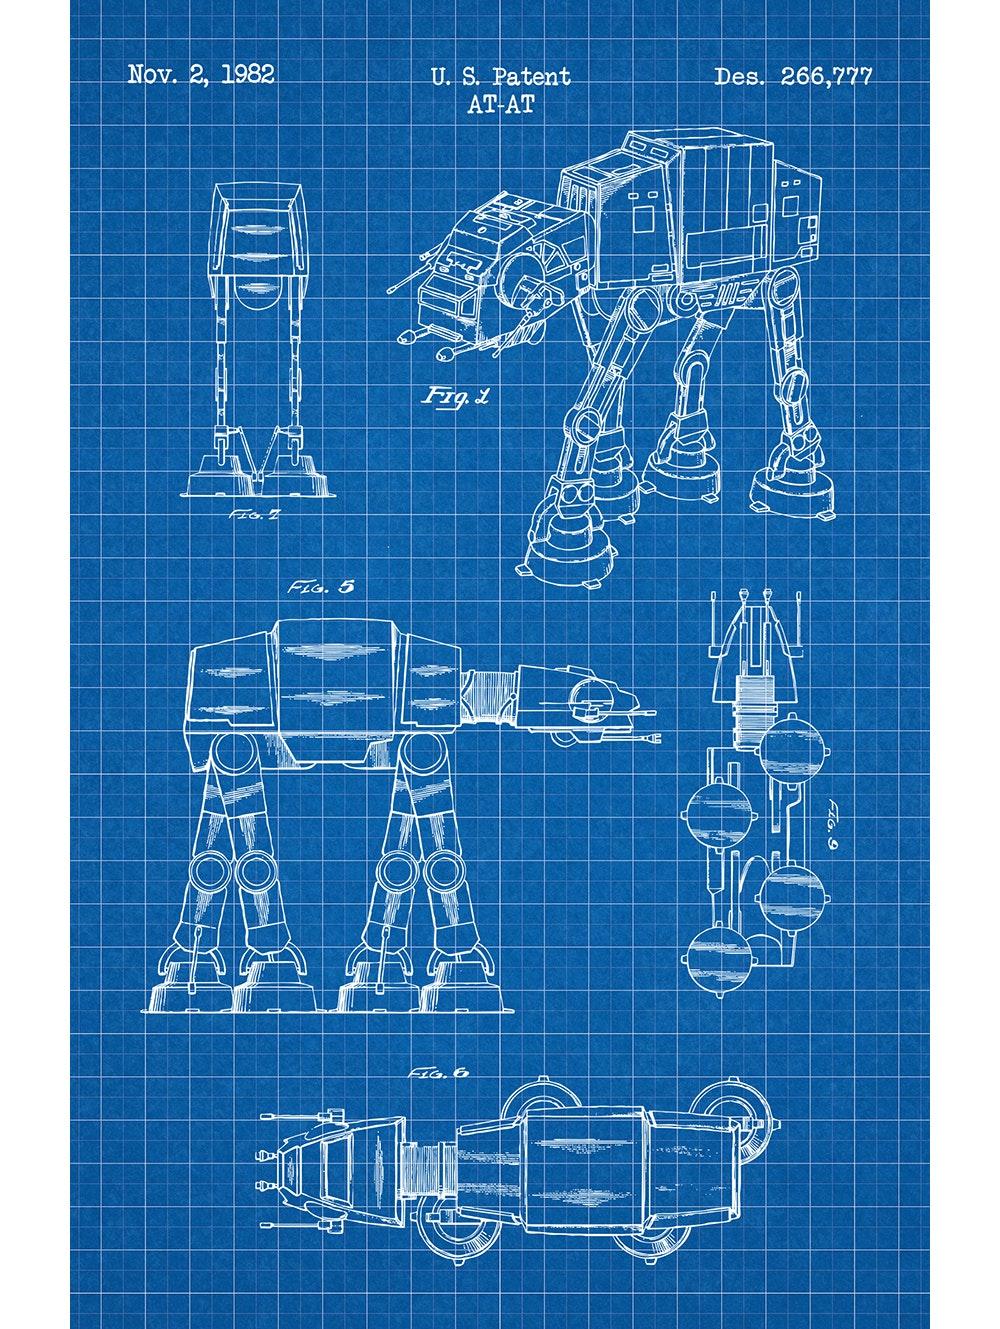 Star Wars - AT-AT Walker - 266,777